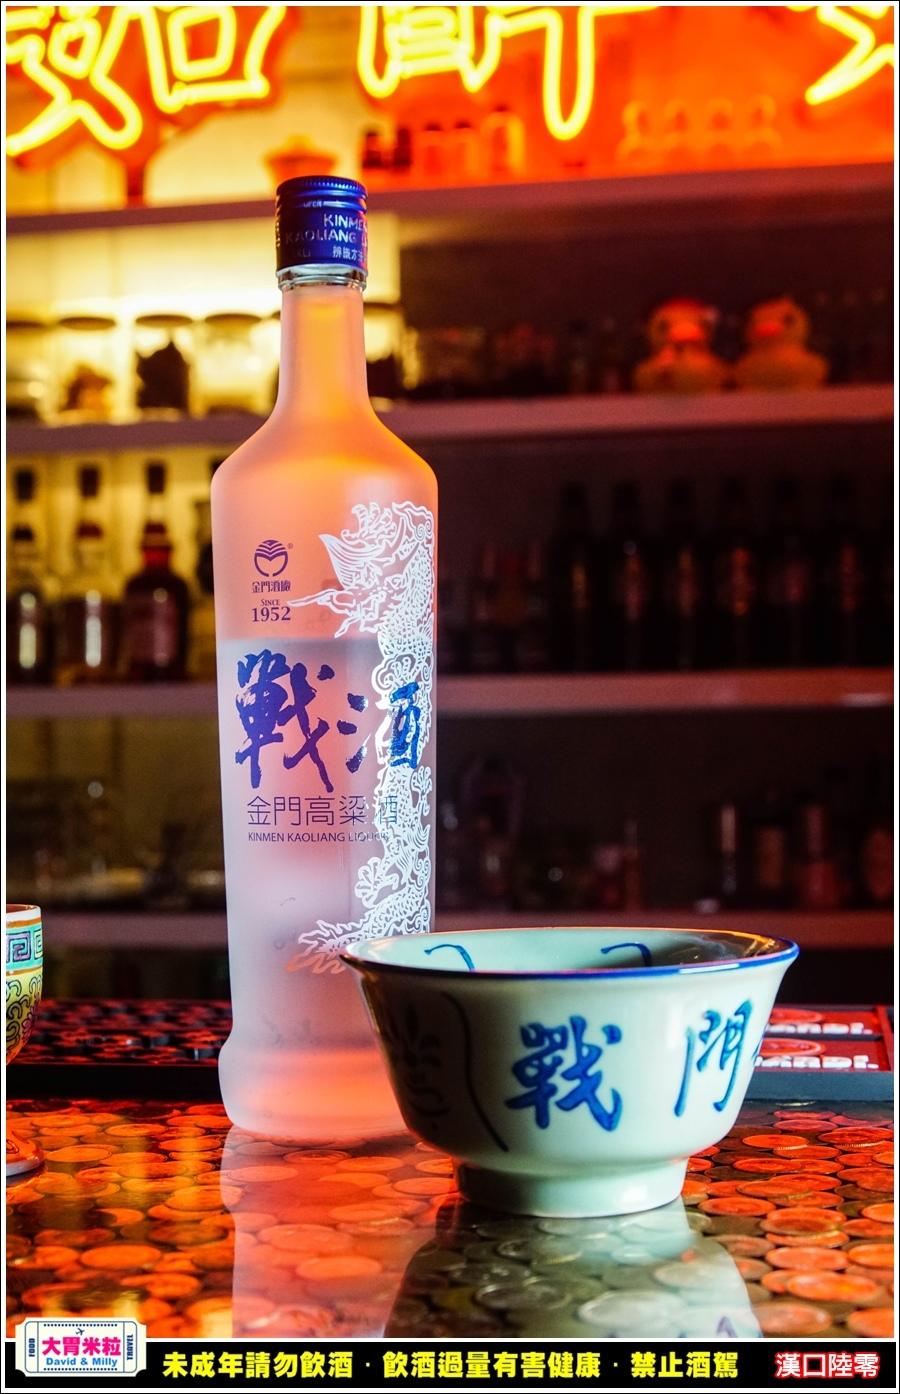 西門町酒吧推薦@HANKO 60 漢口陸零x戰酒金門高粱酒@大胃米粒0030.jpg